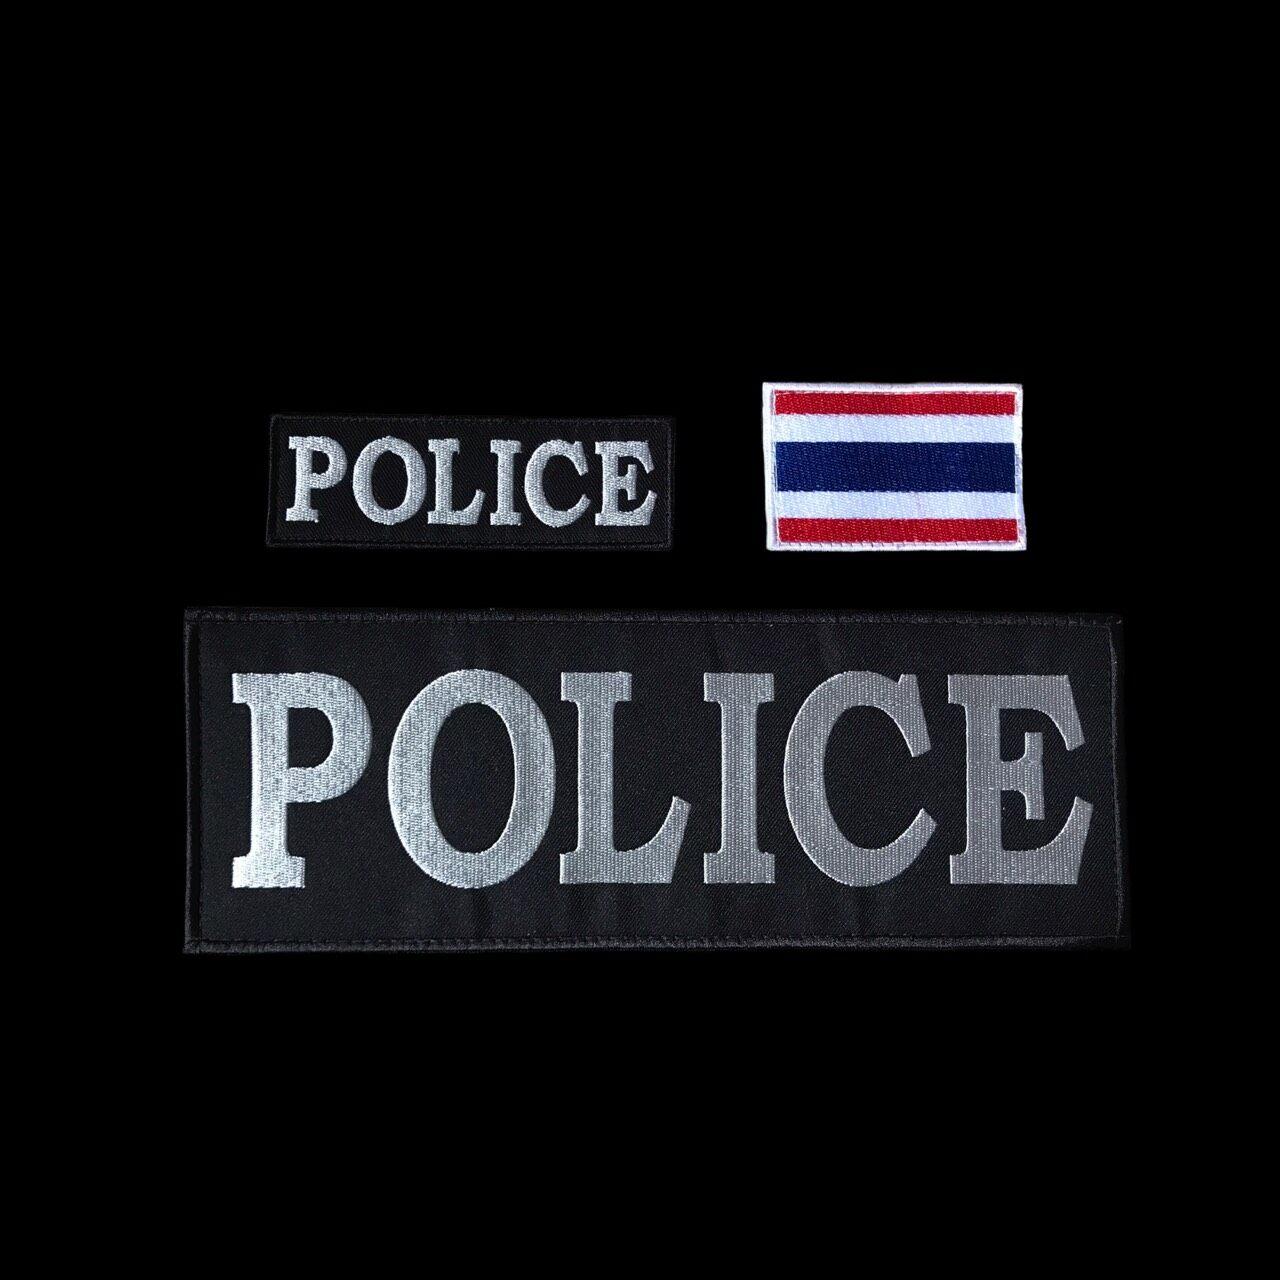 อาร์มกรมการปกครอง อาร์มเซ็ต3ชิ้น180฿ กรมส่งเสริมการปกครองท้องถิ่น อสม. สาธารณสุข police การ์ด พัฒนาชุมชน ผู้ช่วยผู้ใหญ่บ้าน อาร์มหน่วยงาน